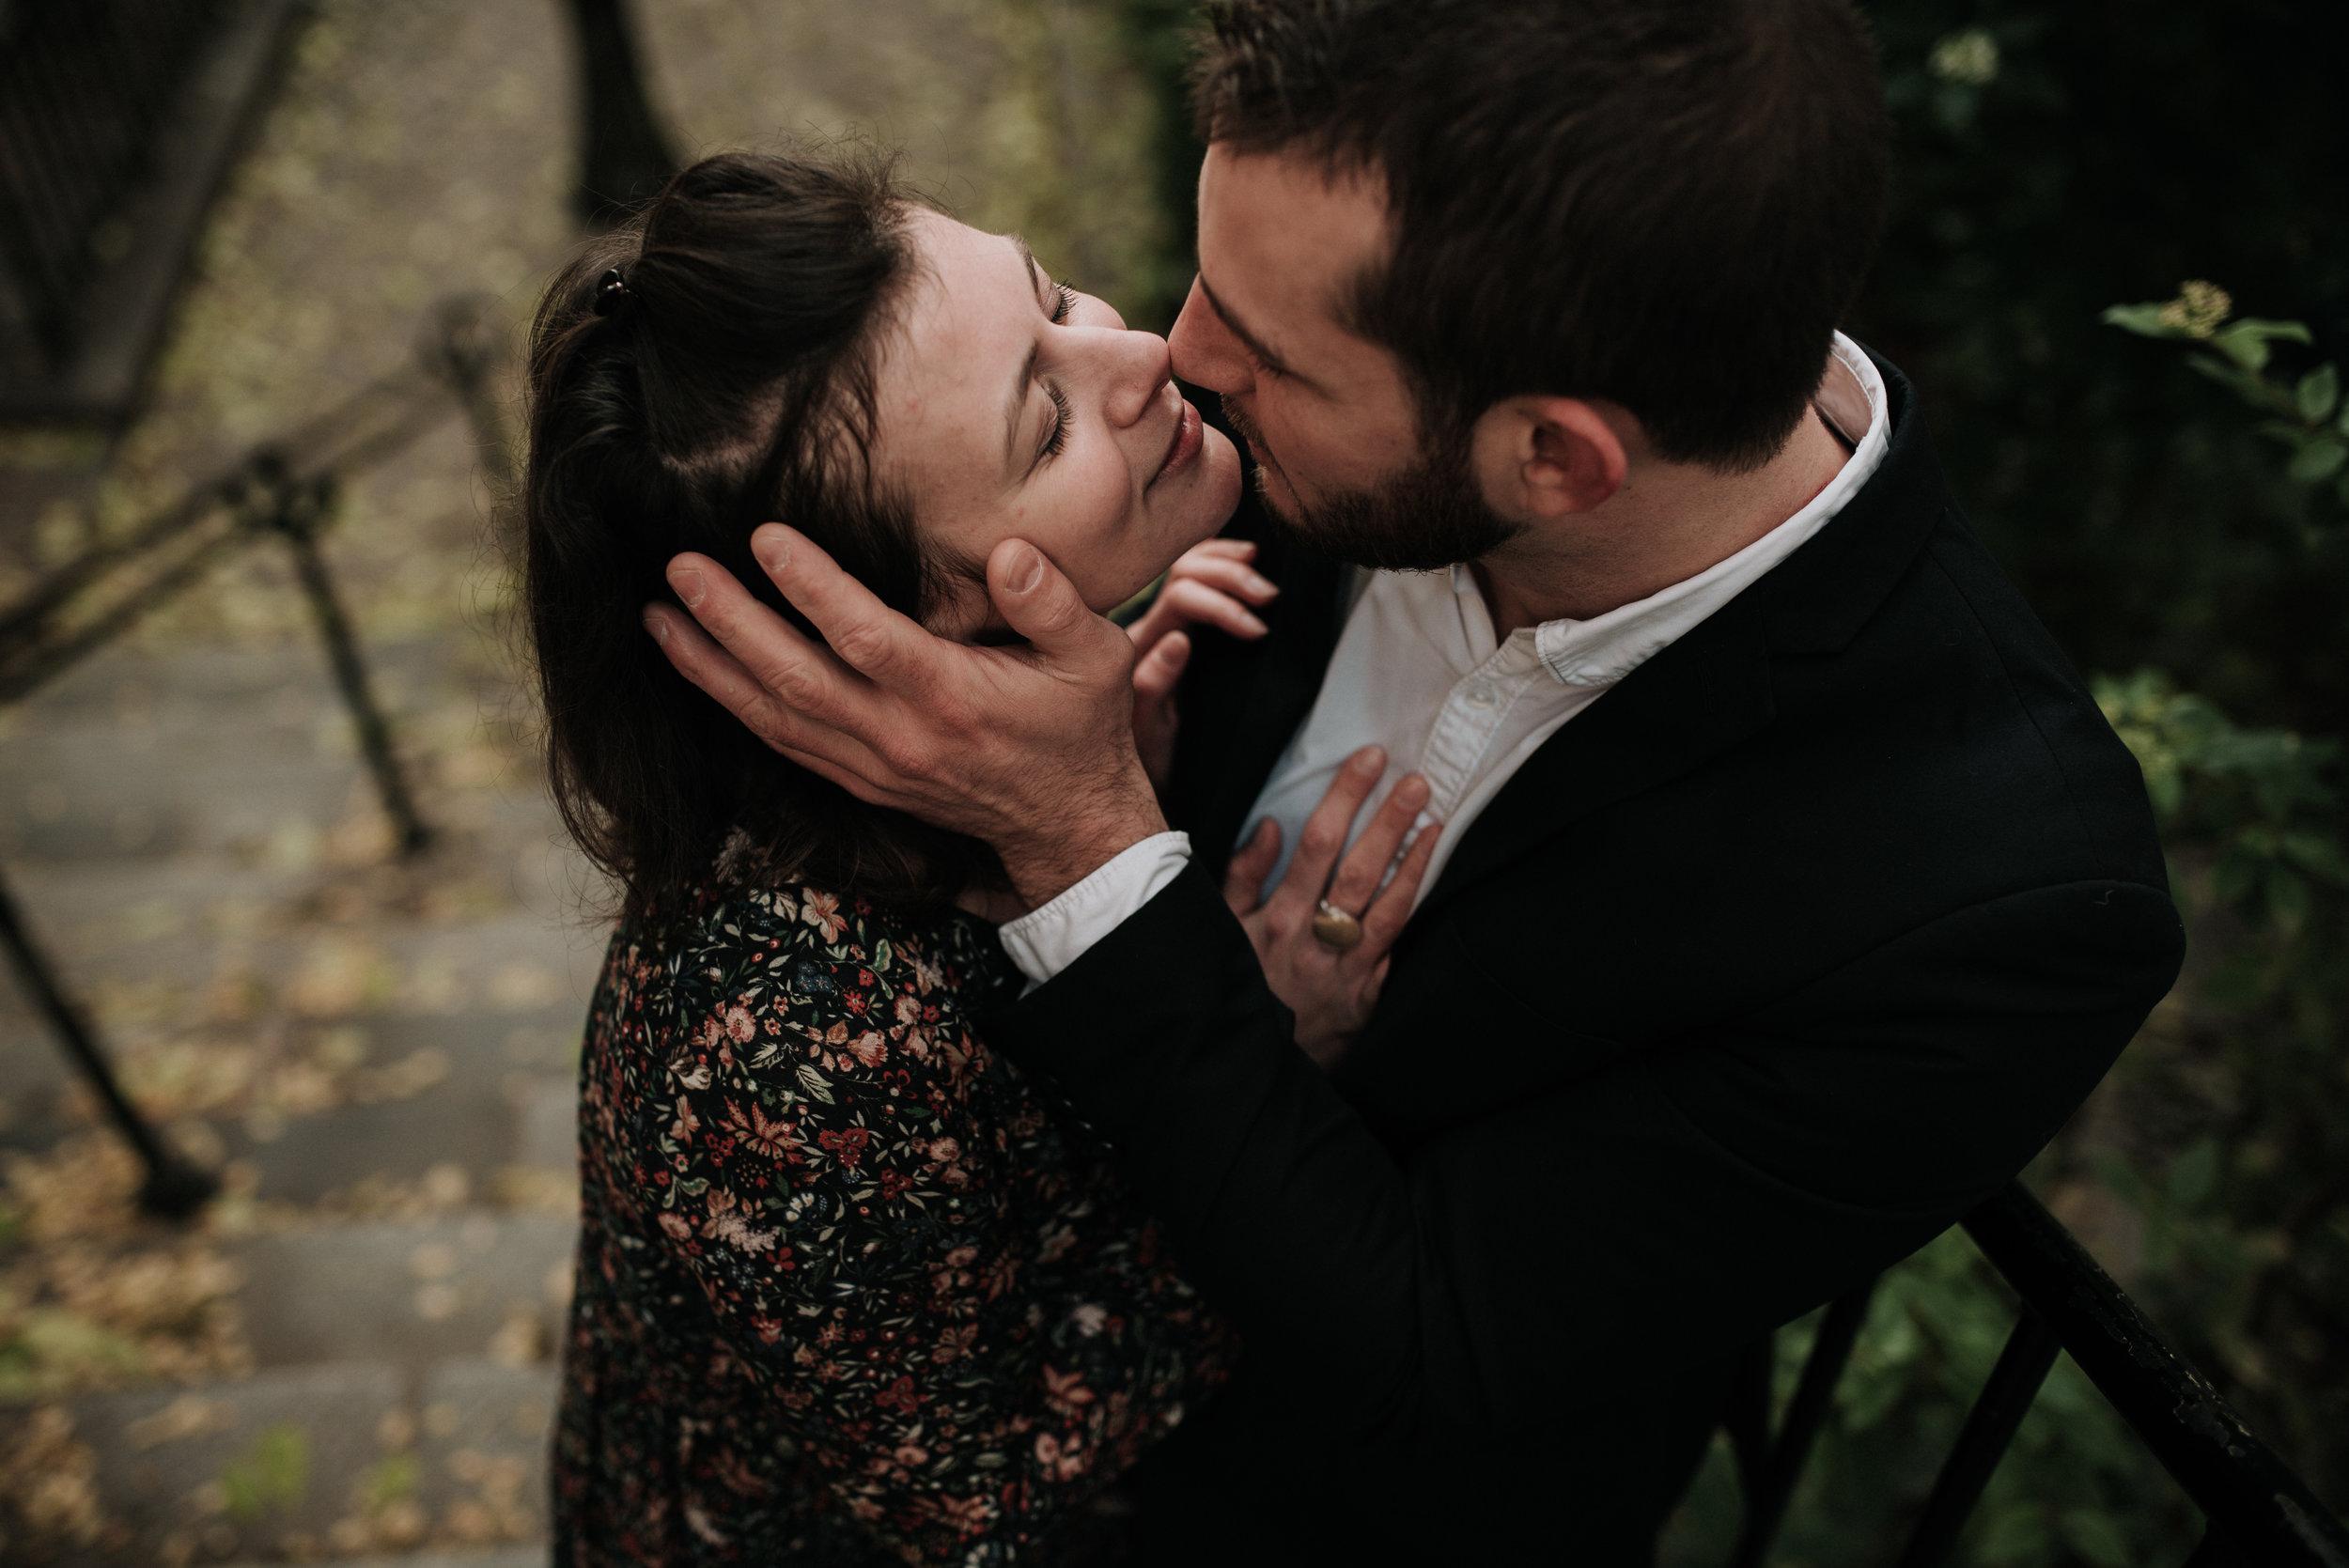 Léa-Fery-photographe-professionnel-lyon-rhone-alpes-portrait-creation-mariage-evenement-evenementiel-famille-5328.jpg